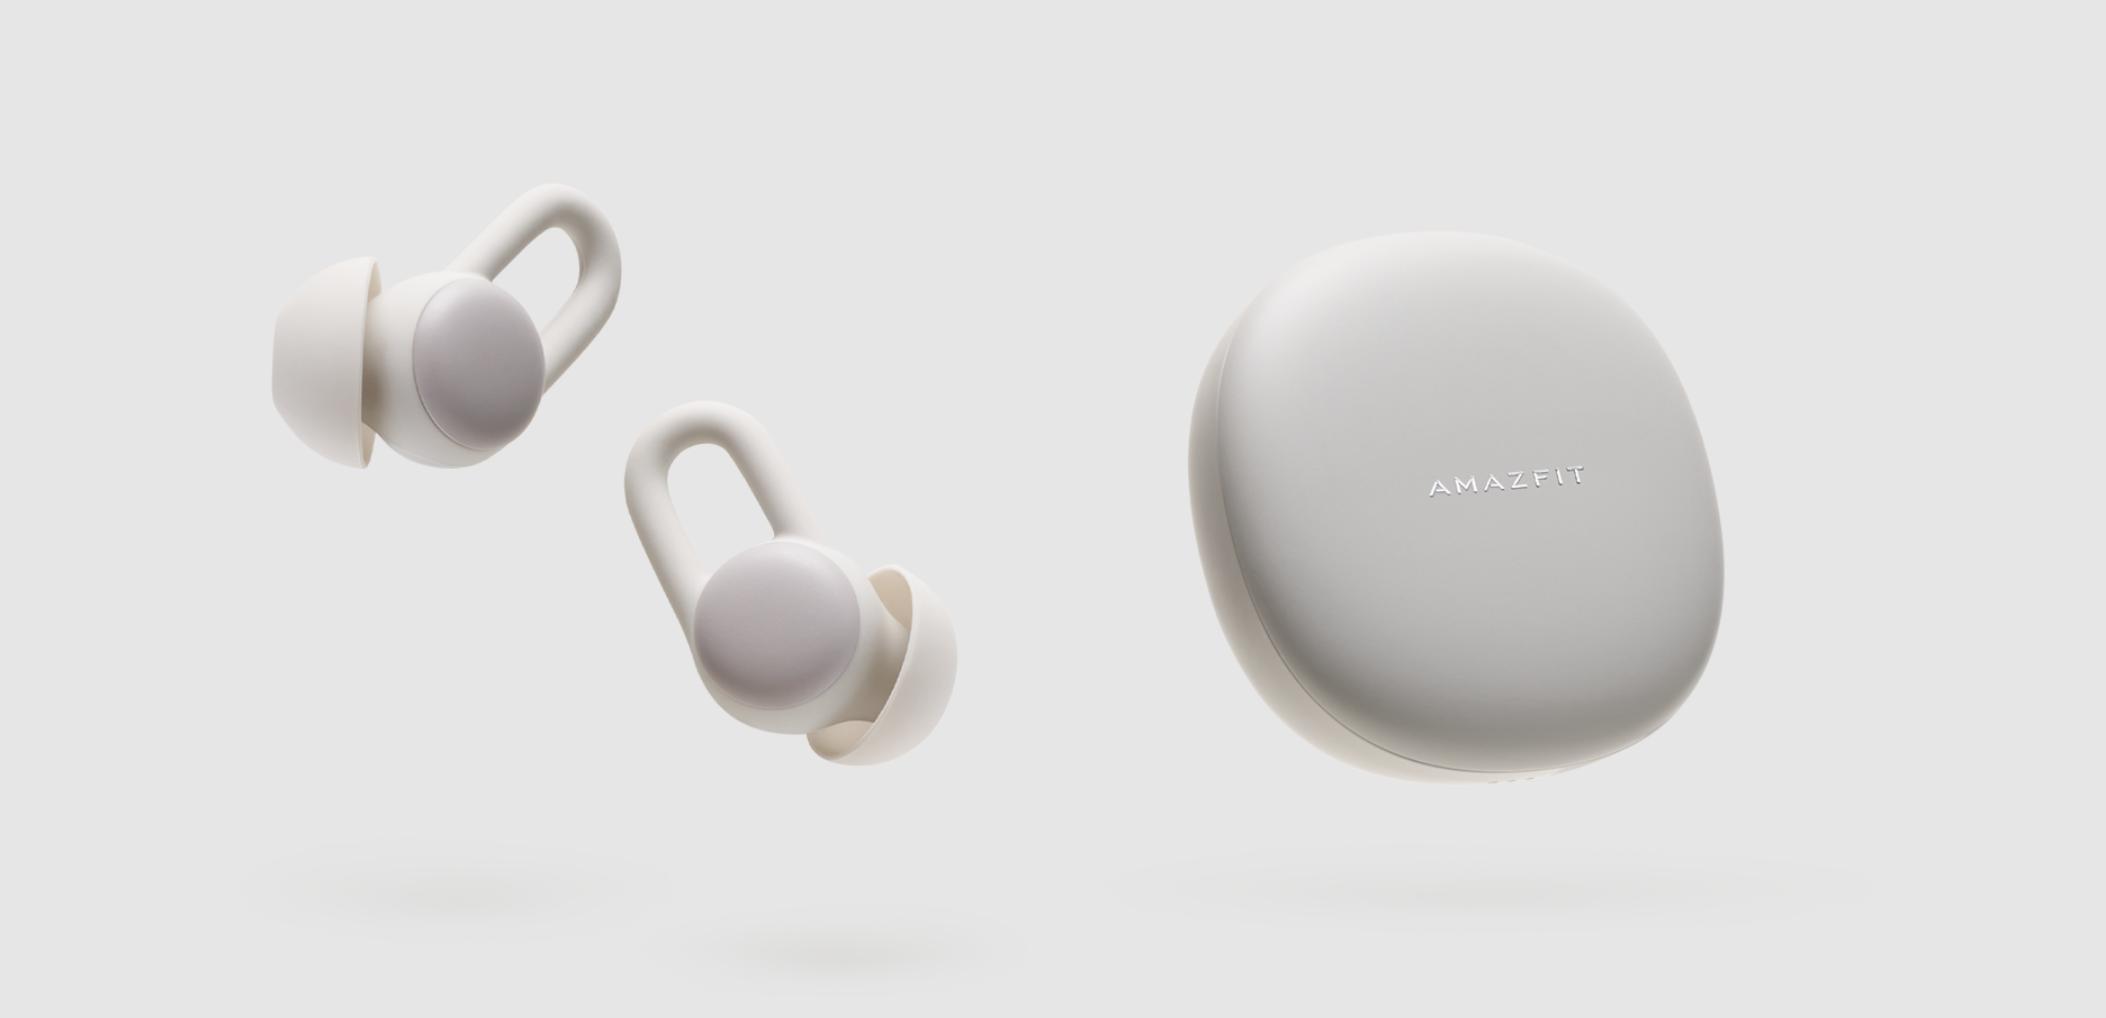 不仅有新品智能手表,华米科技Amazfit ZenBuds智能助眠耳塞要来了